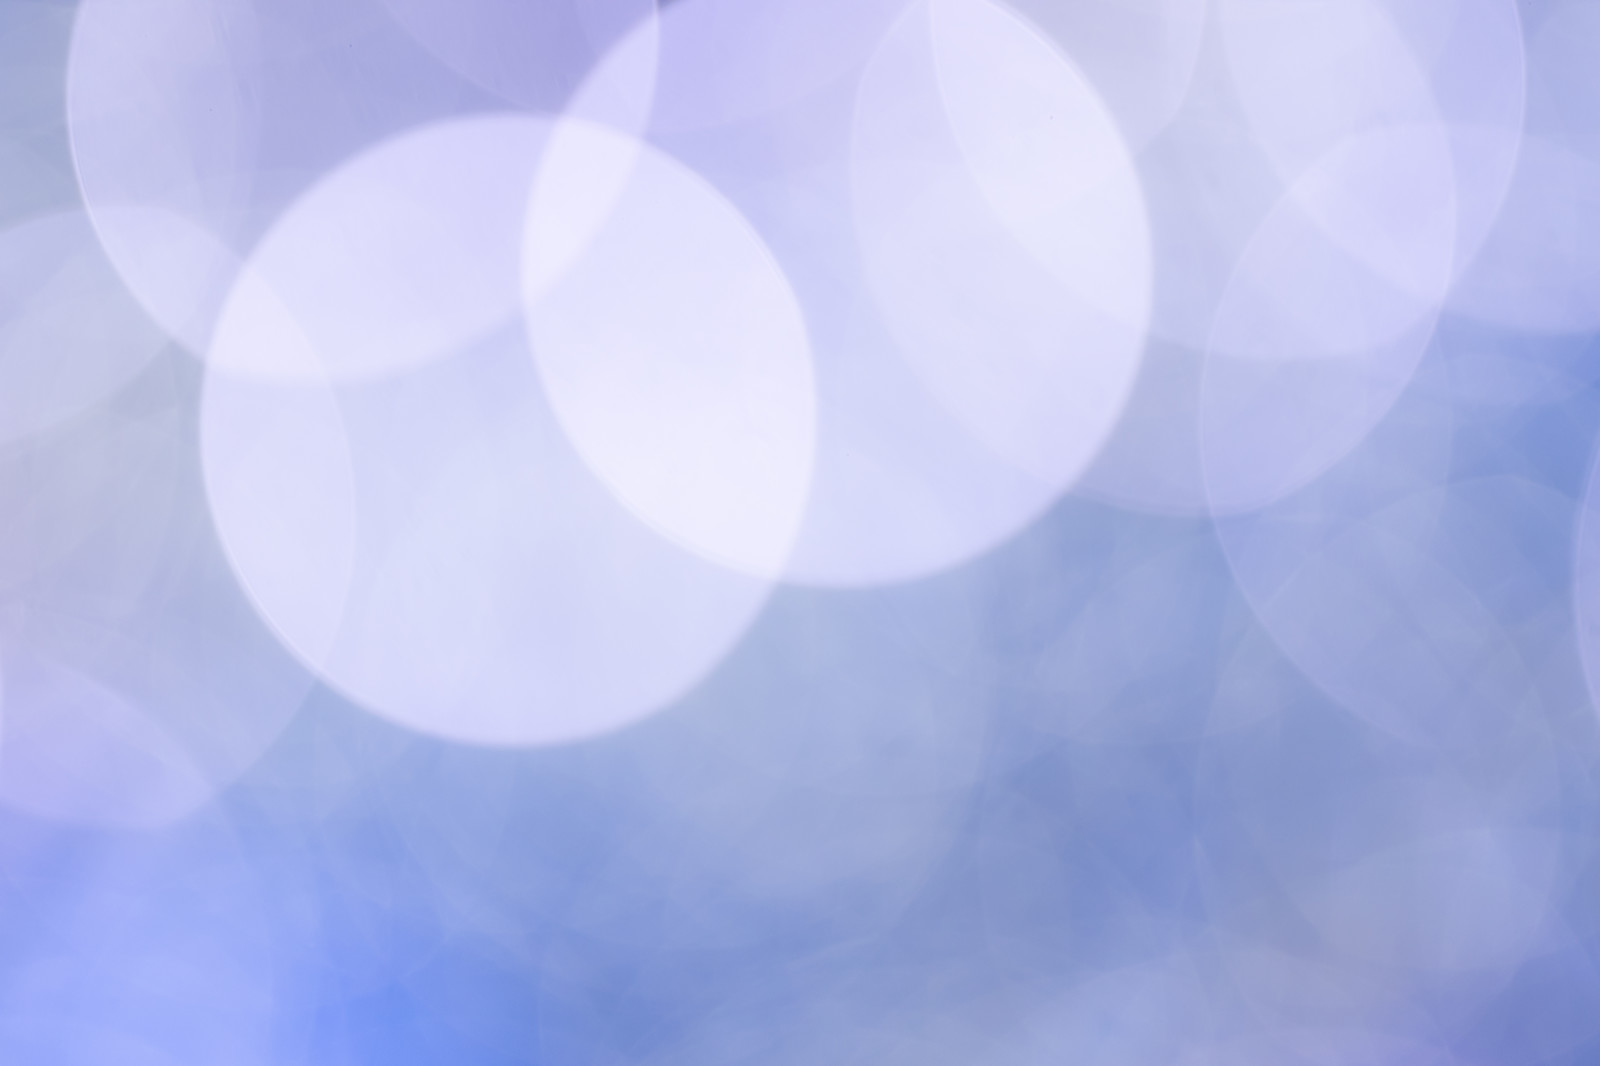 「青白い丸ボケ」の写真